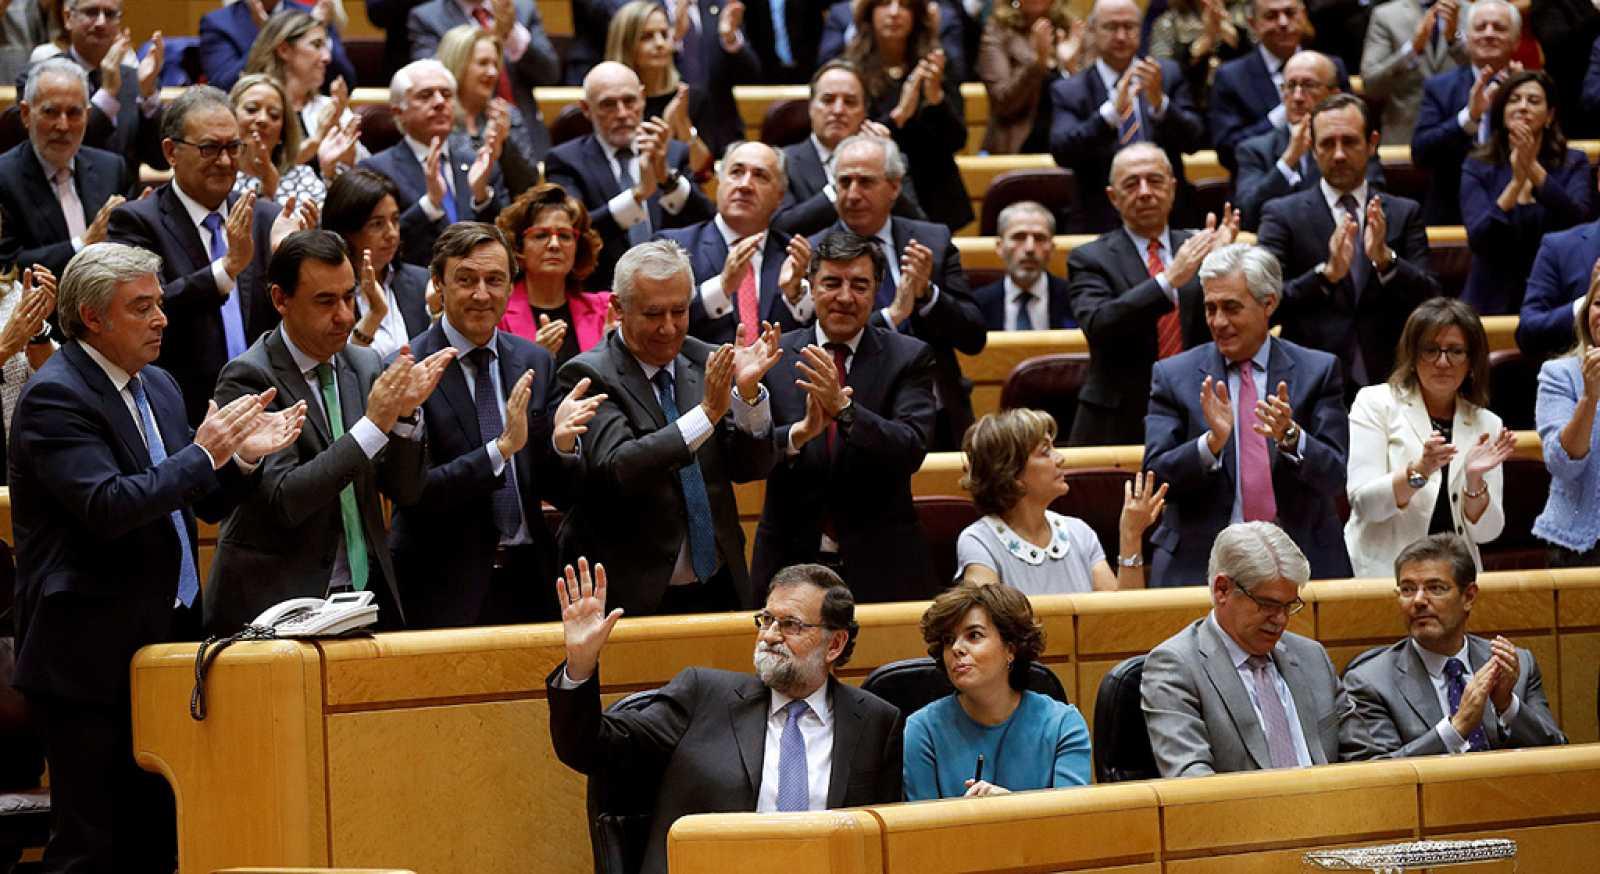 El Senado autoriza al Gobierno a aplicar las medidas del articulo 155 en Cataluña